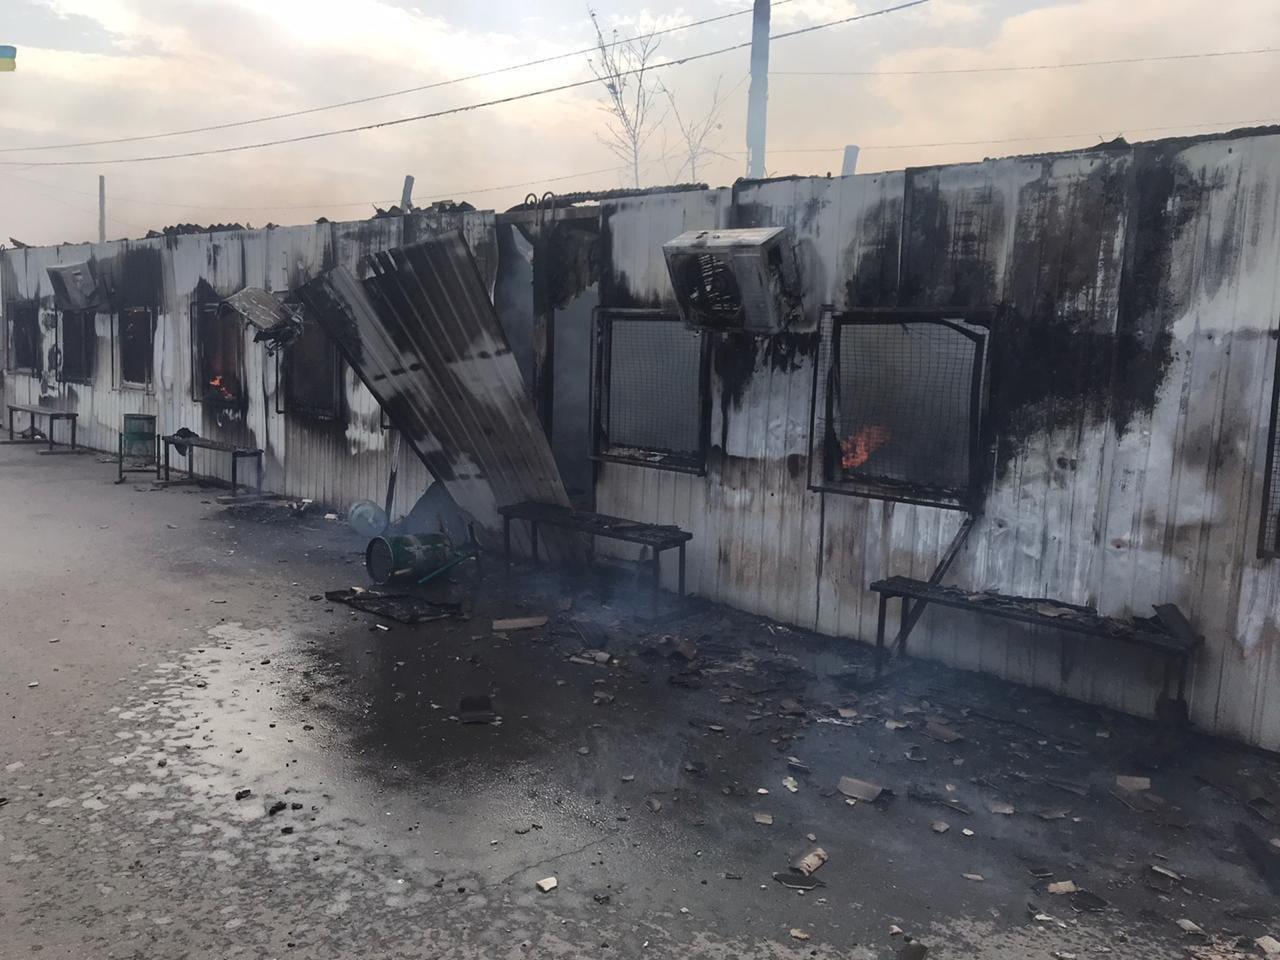 Пожар уничтожил часть помещений и инфраструктуры КПВВ «Станица Луганская», - ФОТО, ВИДЕО, фото-2